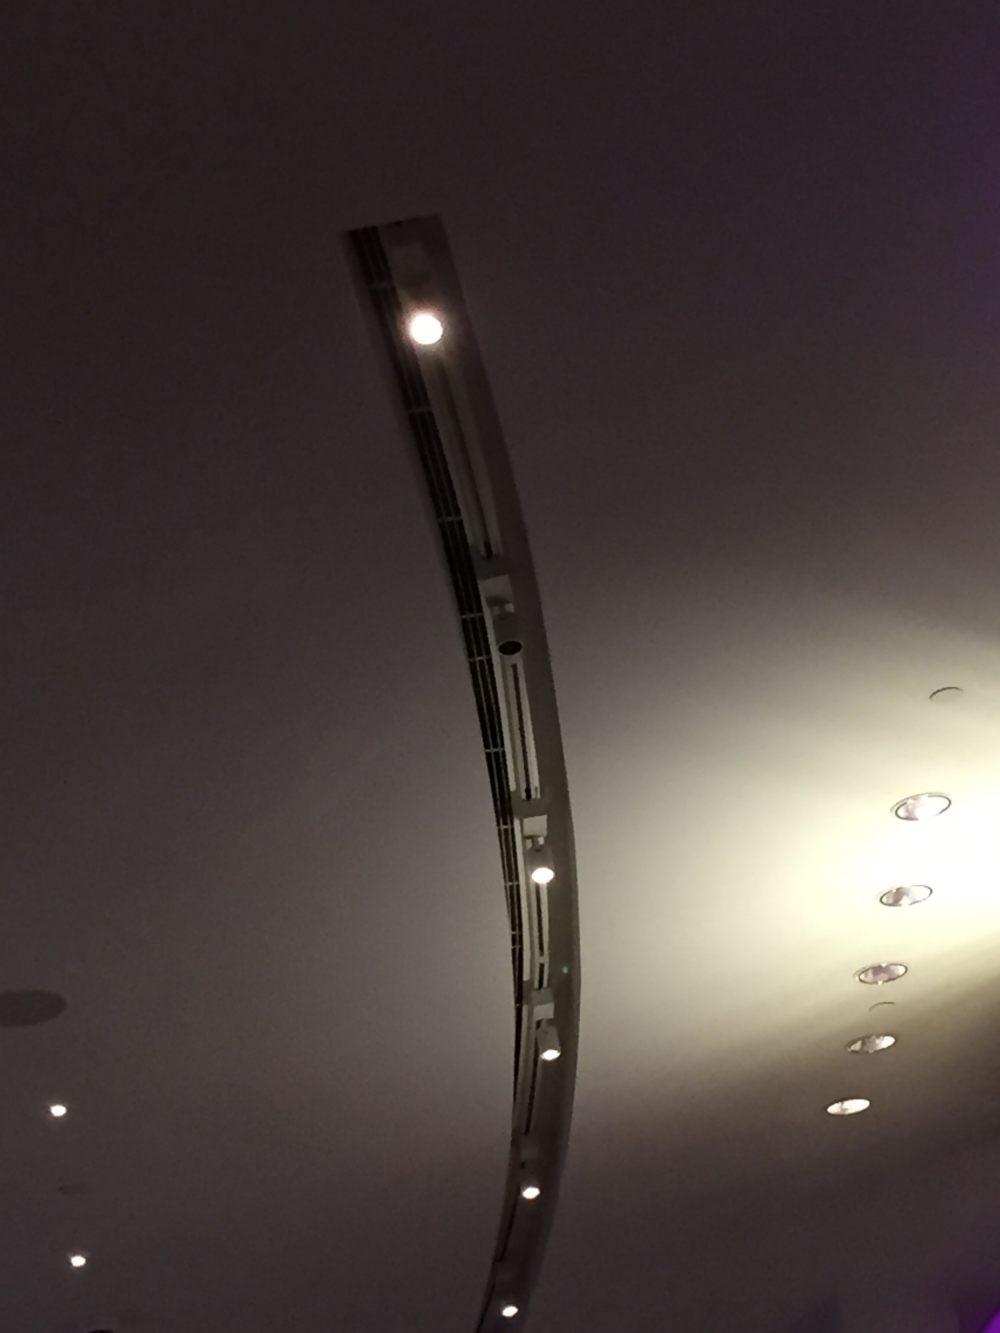 上海外滩W酒店,史上最全入住体验 自拍分享,申请置...._IMG_6134.JPG